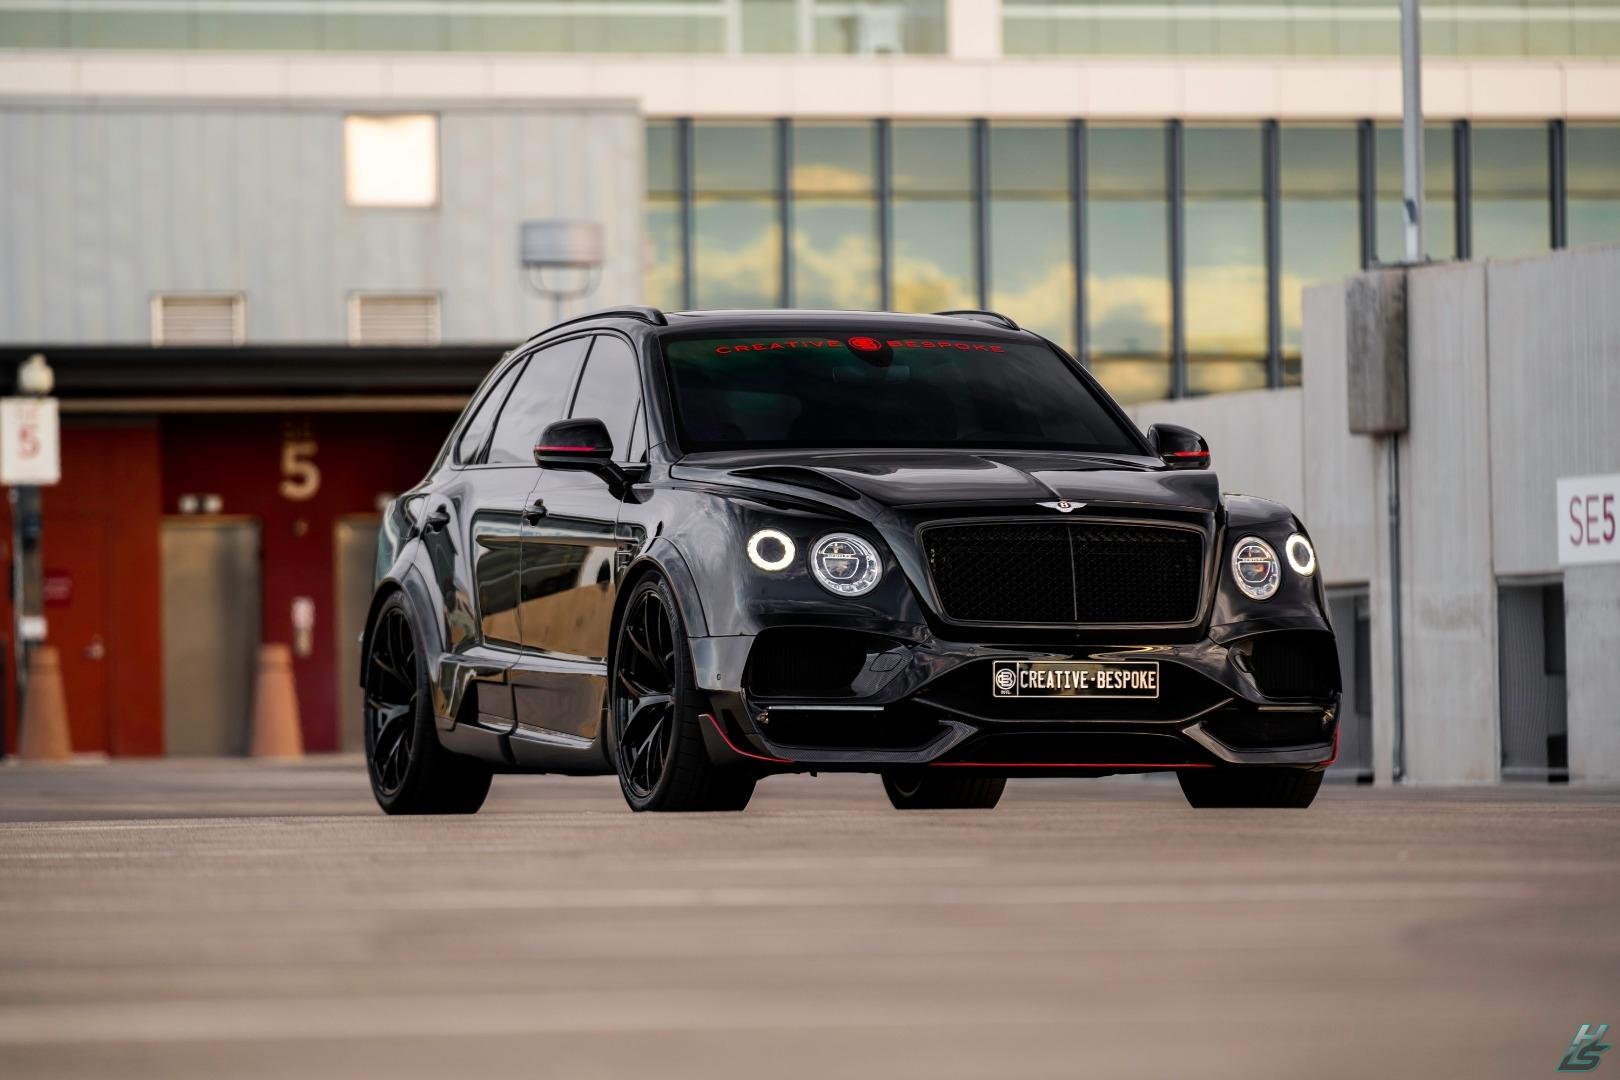 Американское тюнинг-ателье Creative Bespoke явило миру весьма экстравагантно доработанный Bentley Bentayga 2019. За люксовый кроссовер с пробегом 7000 км просят $239 000 – на полсотни тысяч больше, чем за полностью укомплектованную «Бентайгу» новейшего модельного года.